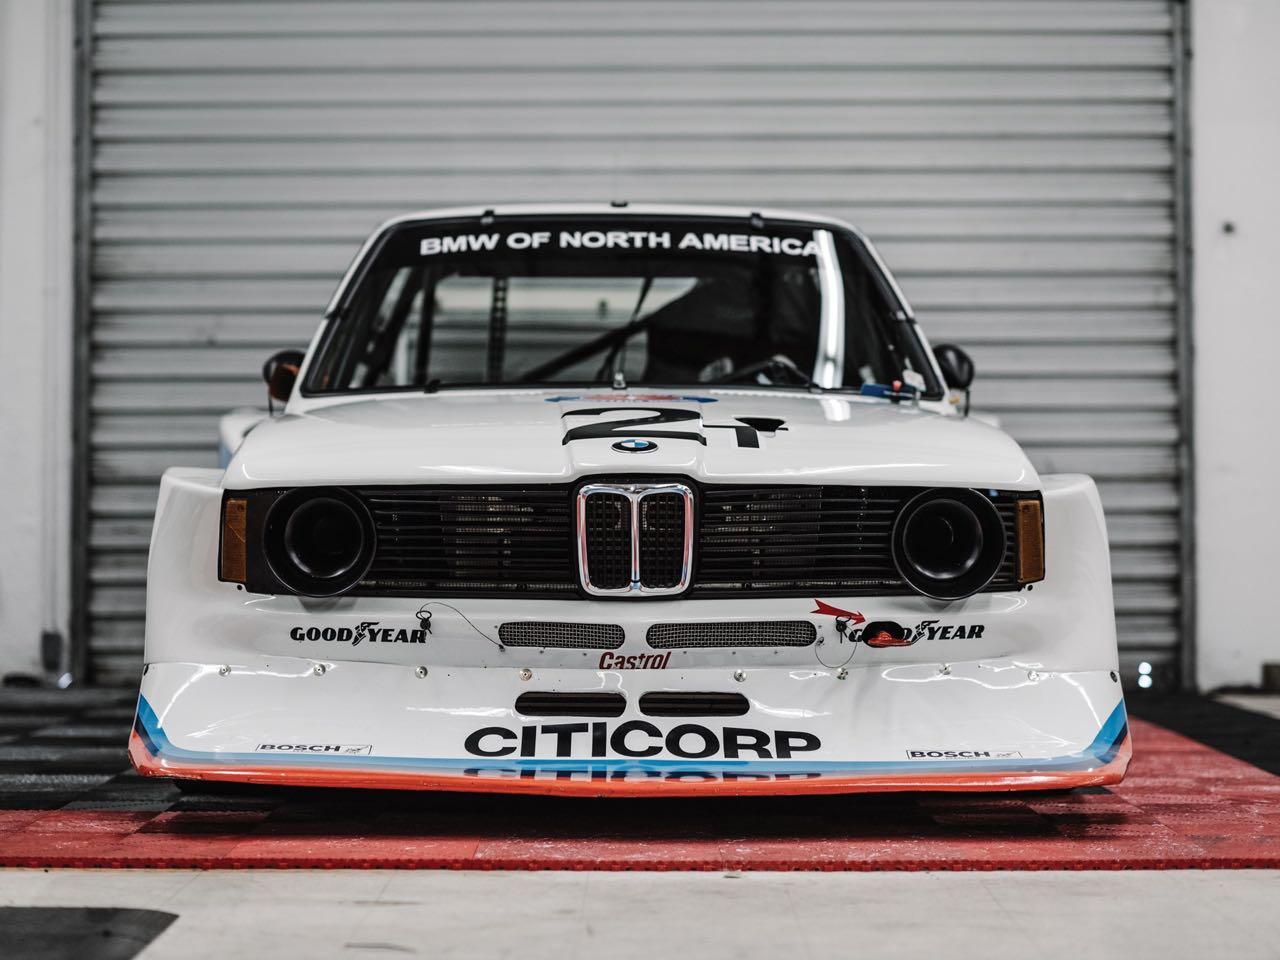 BMW 320i Turbo Gr 5 1978 - E21 en armure de guerre ! 28